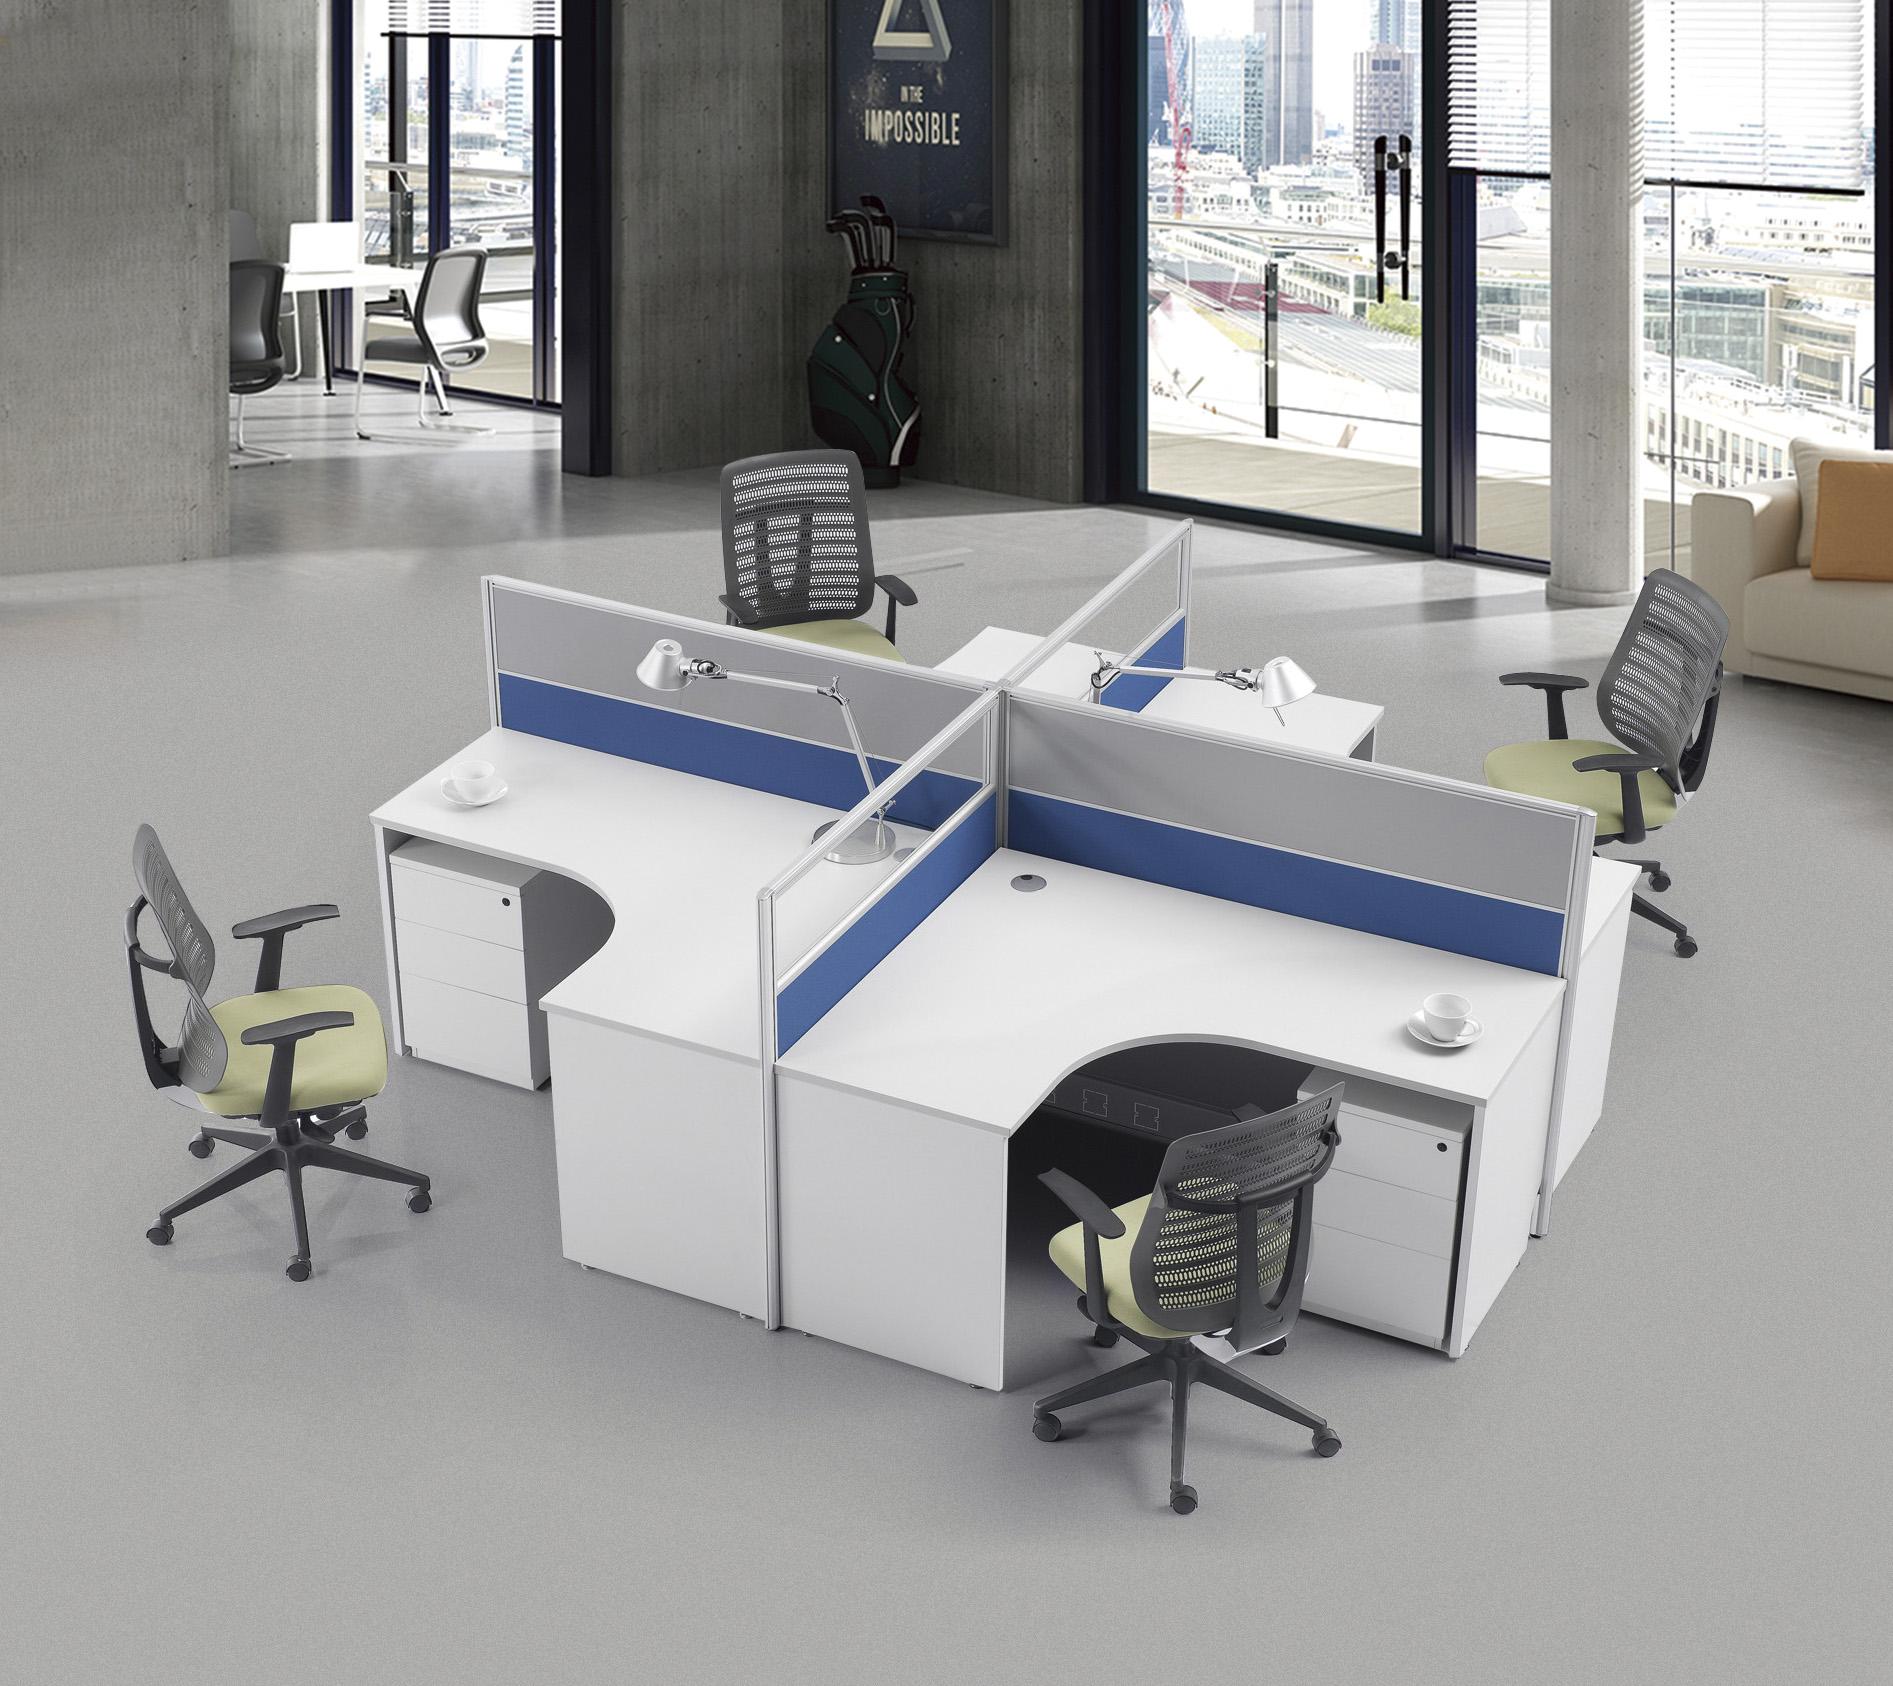 采購辦公家具需要考慮的六個因素